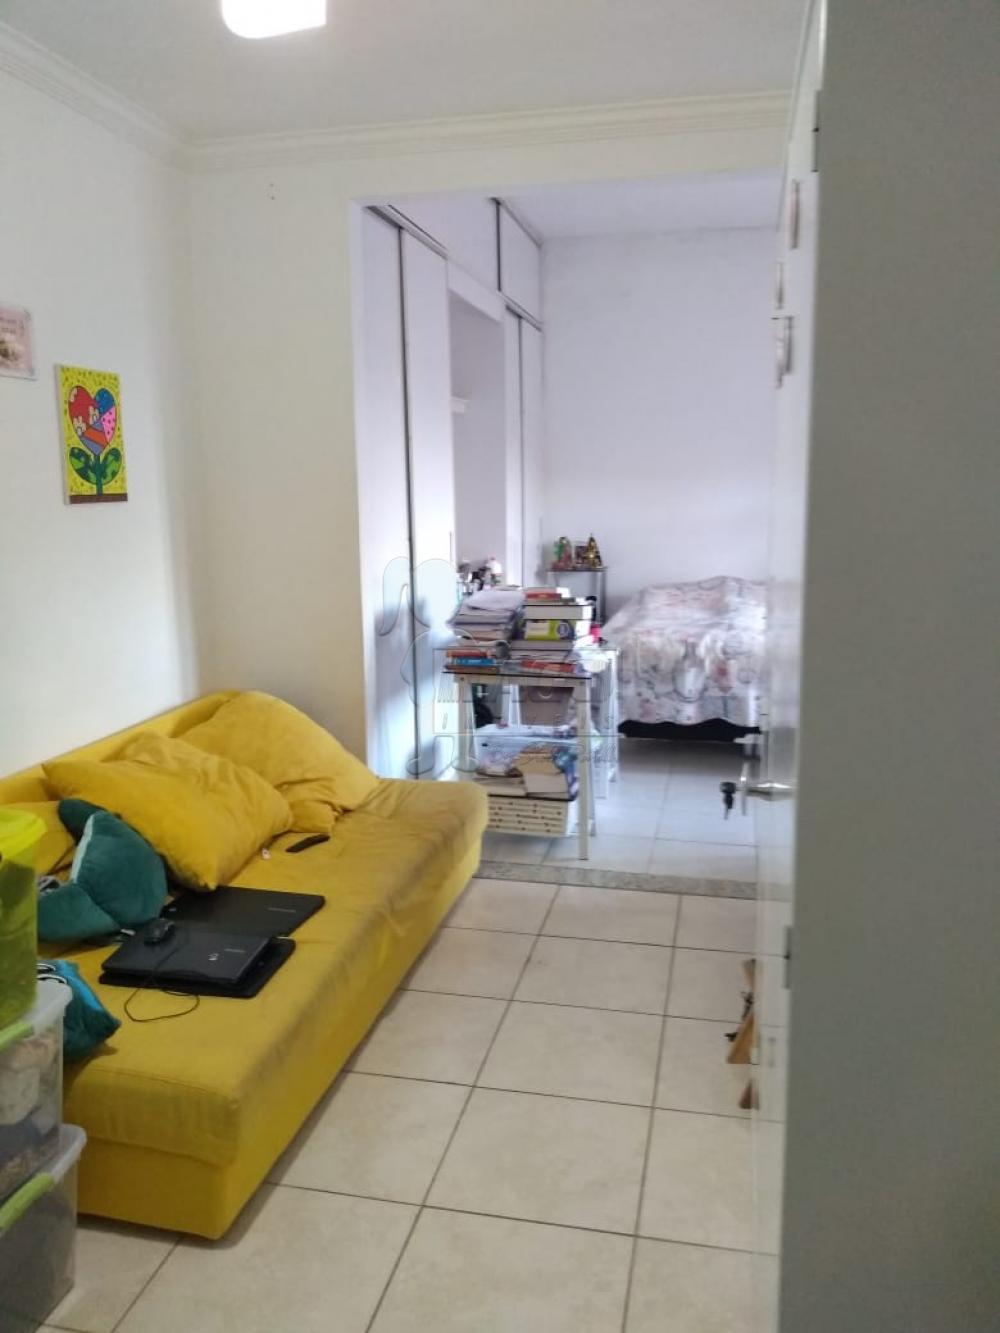 Alugar Casas / Condomínio em Ribeirão Preto apenas R$ 1.600,00 - Foto 4